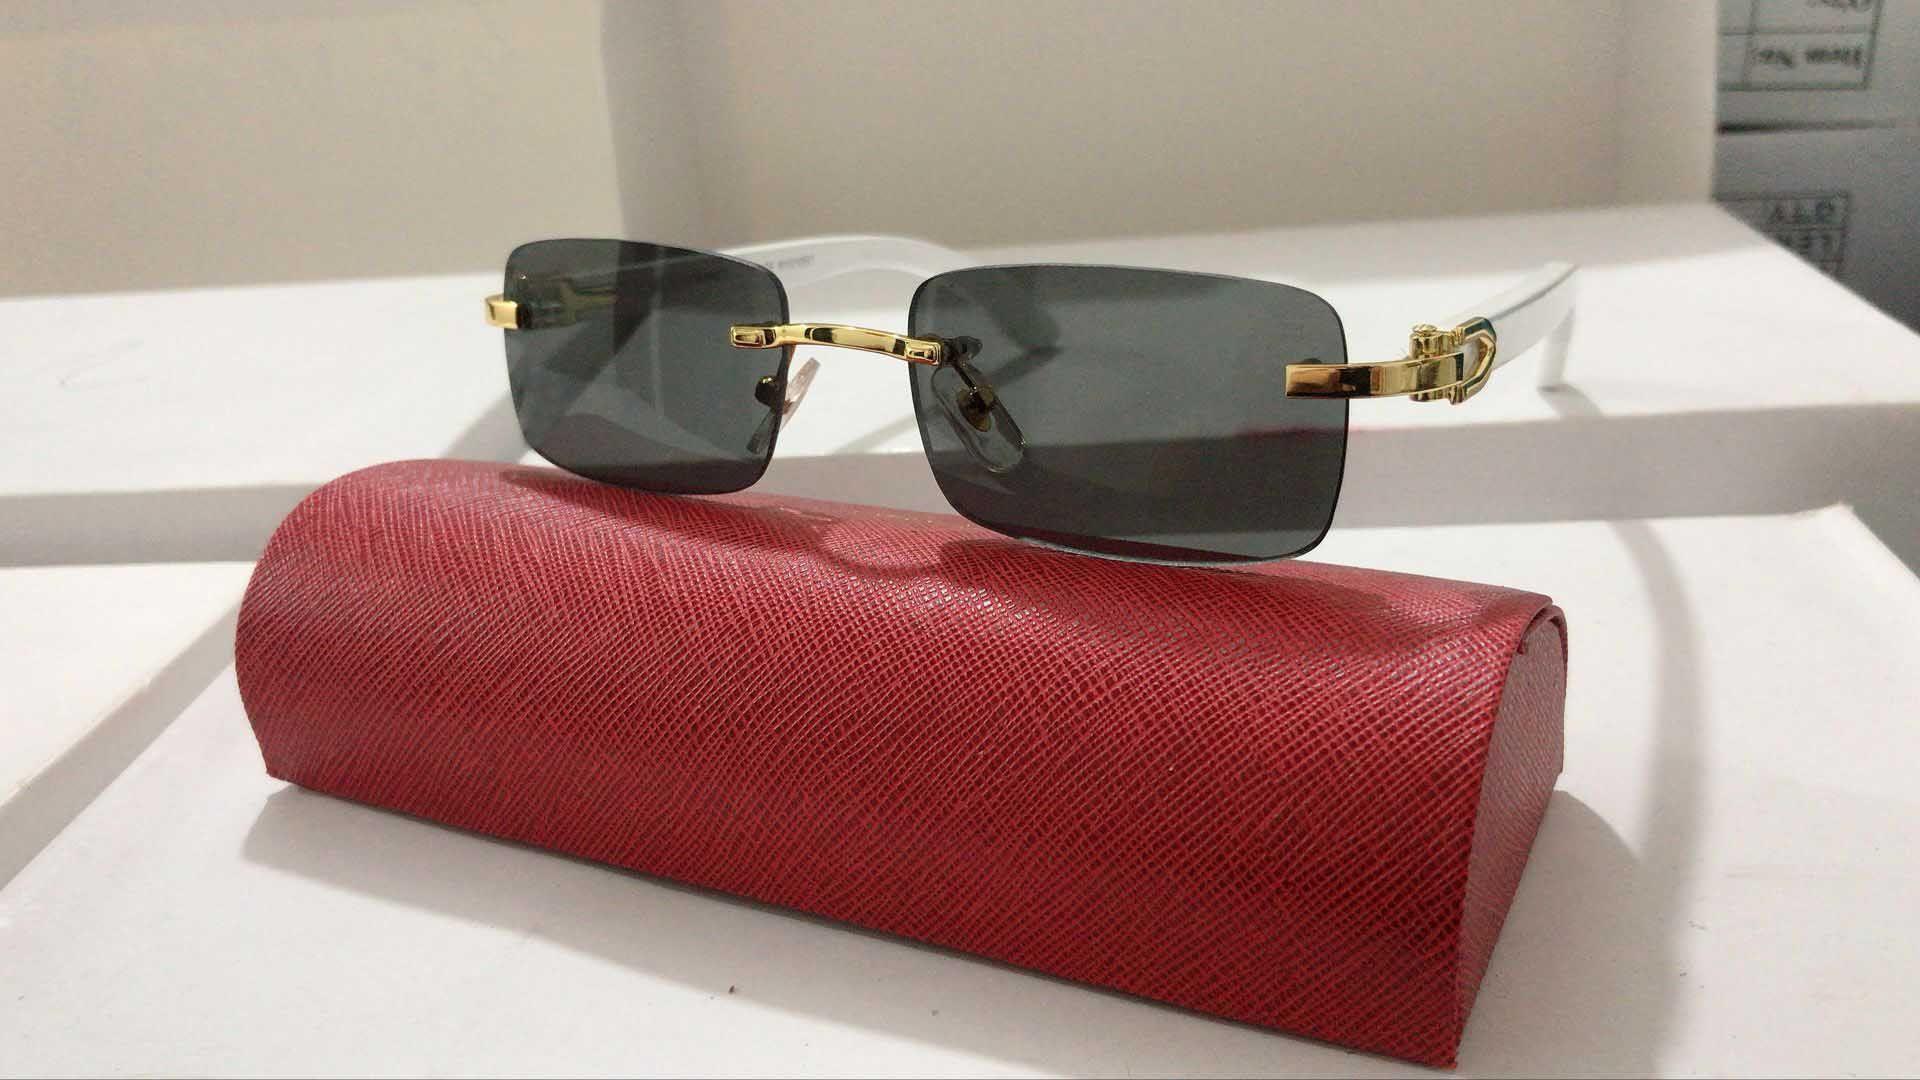 Neue Art und Weise Buffalo-Glas-Sonnenbrille Frauen Männer Randlos Weinlese-Sommer-Katzenauge-Art-Mode-Männer Buffalo Horn Gläser Beliebte Brillen